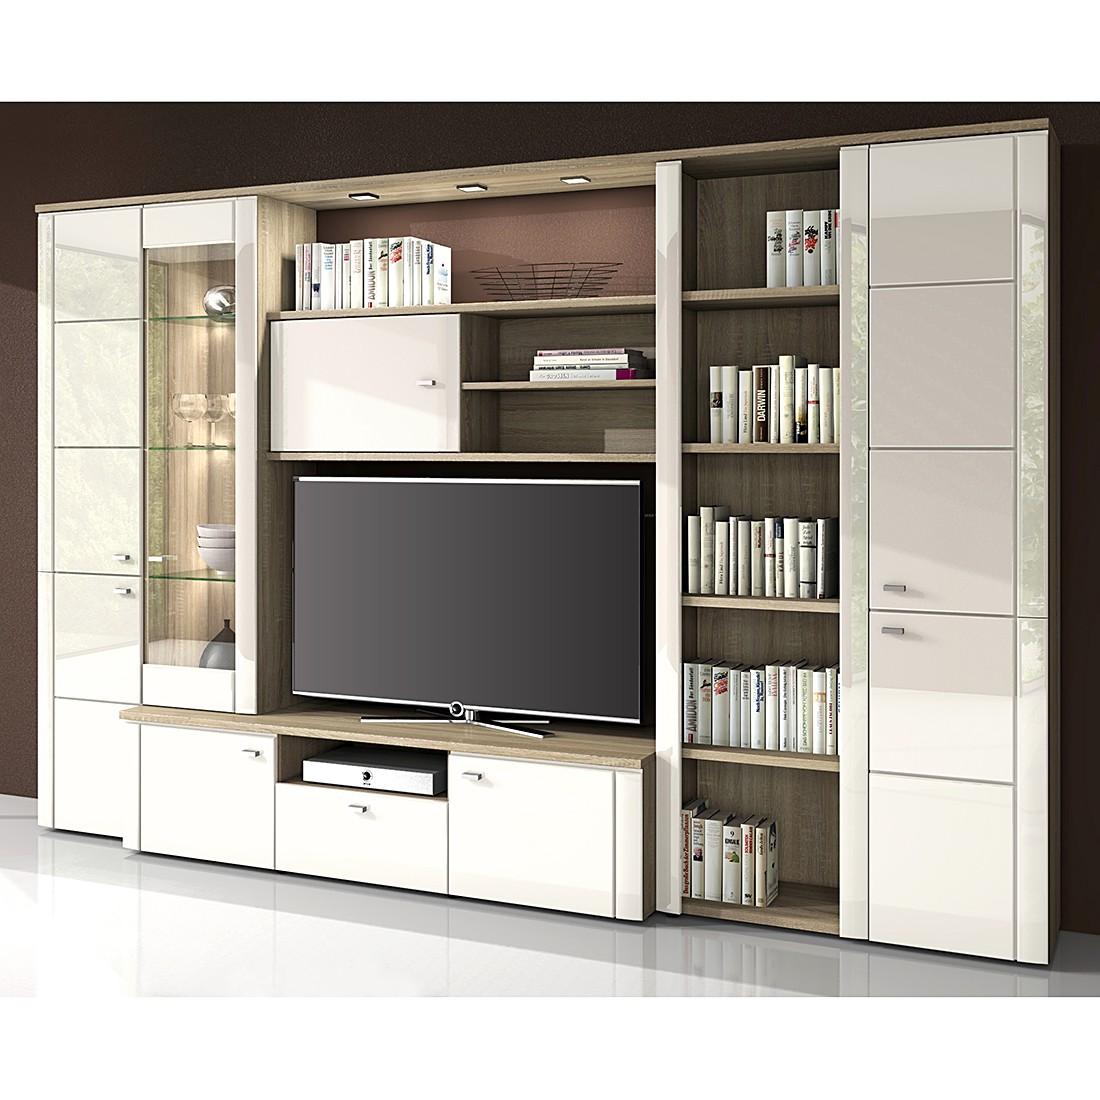 wohnwand merida i hochglanz wei ohne beleuchtung modoform g nstig. Black Bedroom Furniture Sets. Home Design Ideas